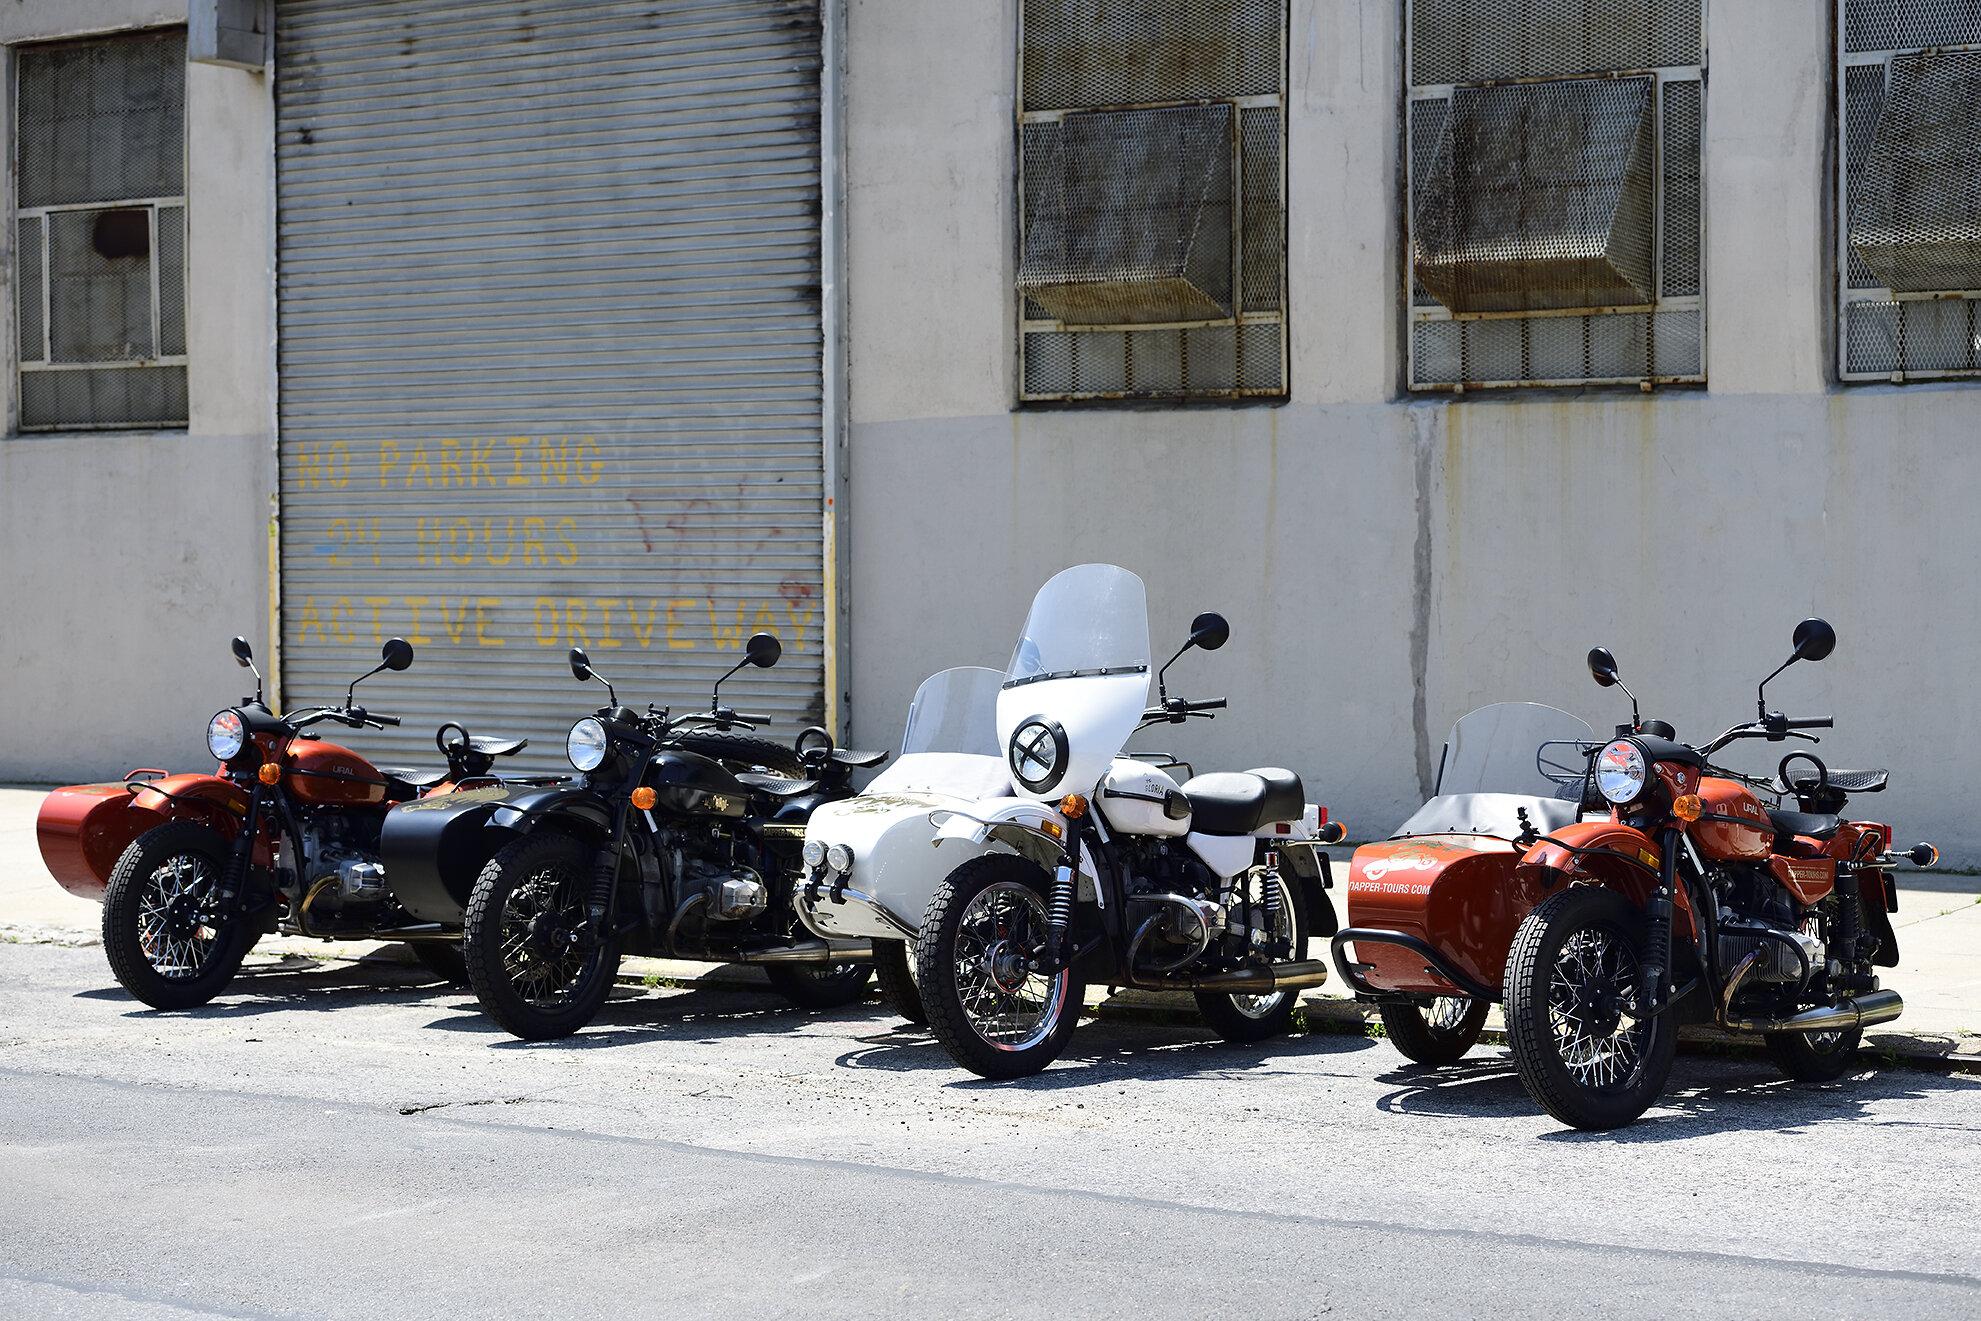 motomarket3_022.jpg